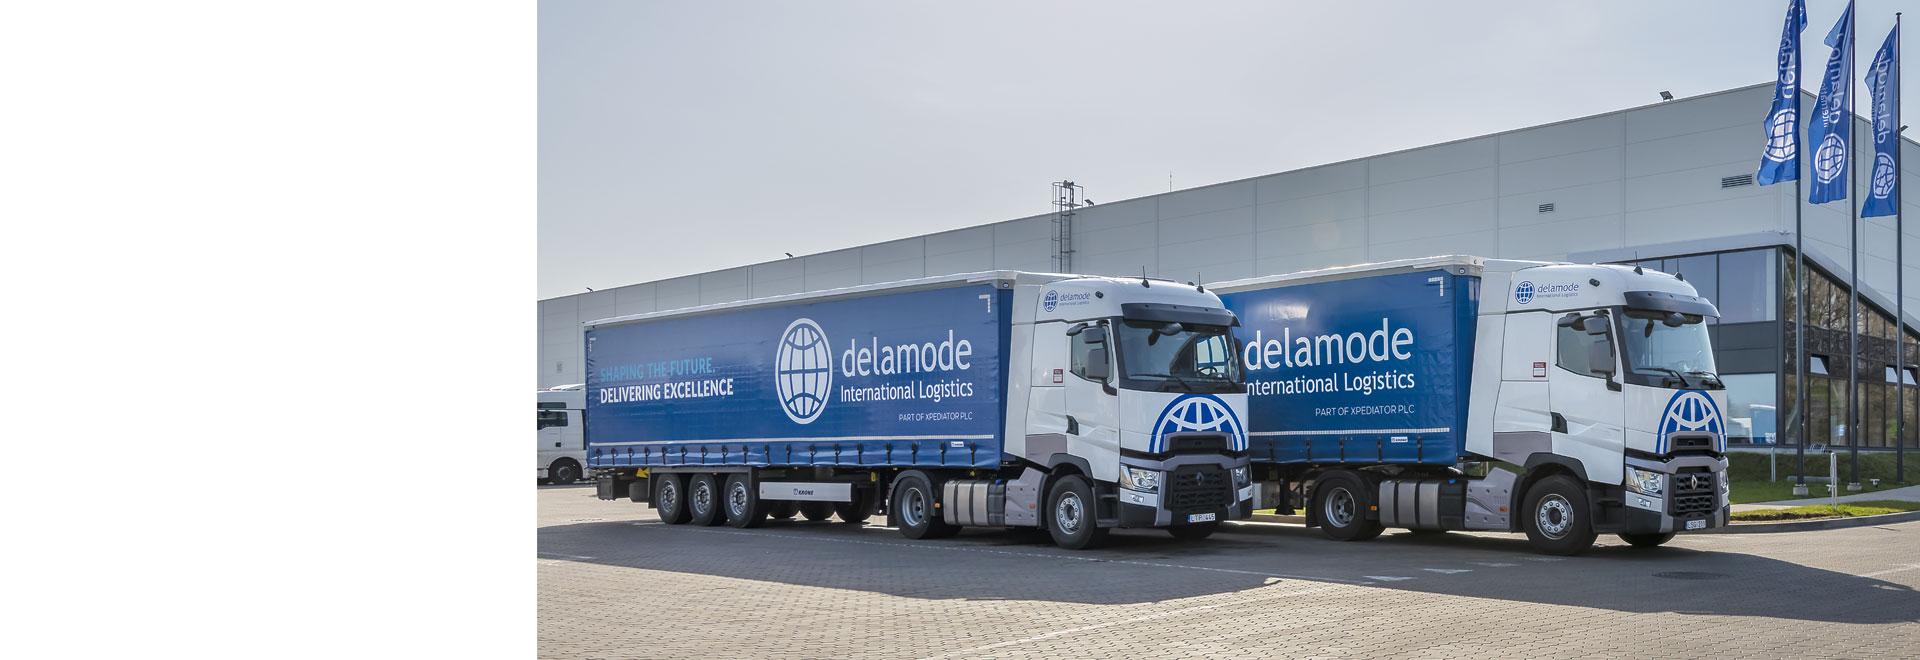 Delamode trucks outside warehouse